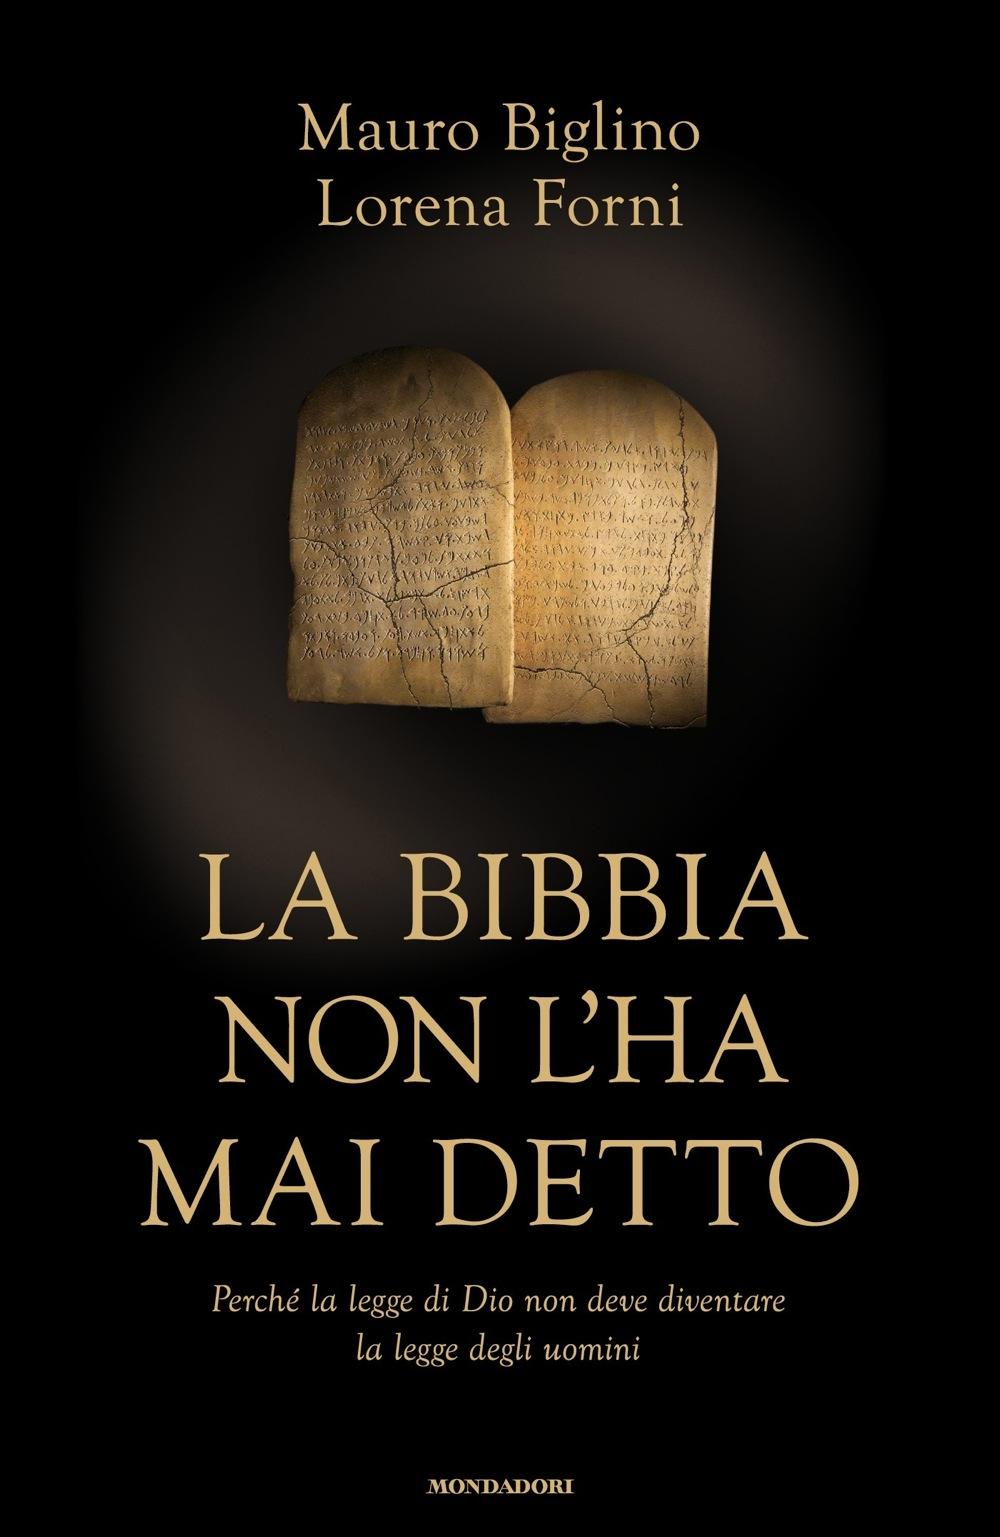 La bibbia non l 39 ha mai detto mauro biglino lorena forni - Libero clipart storie della bibbia ...